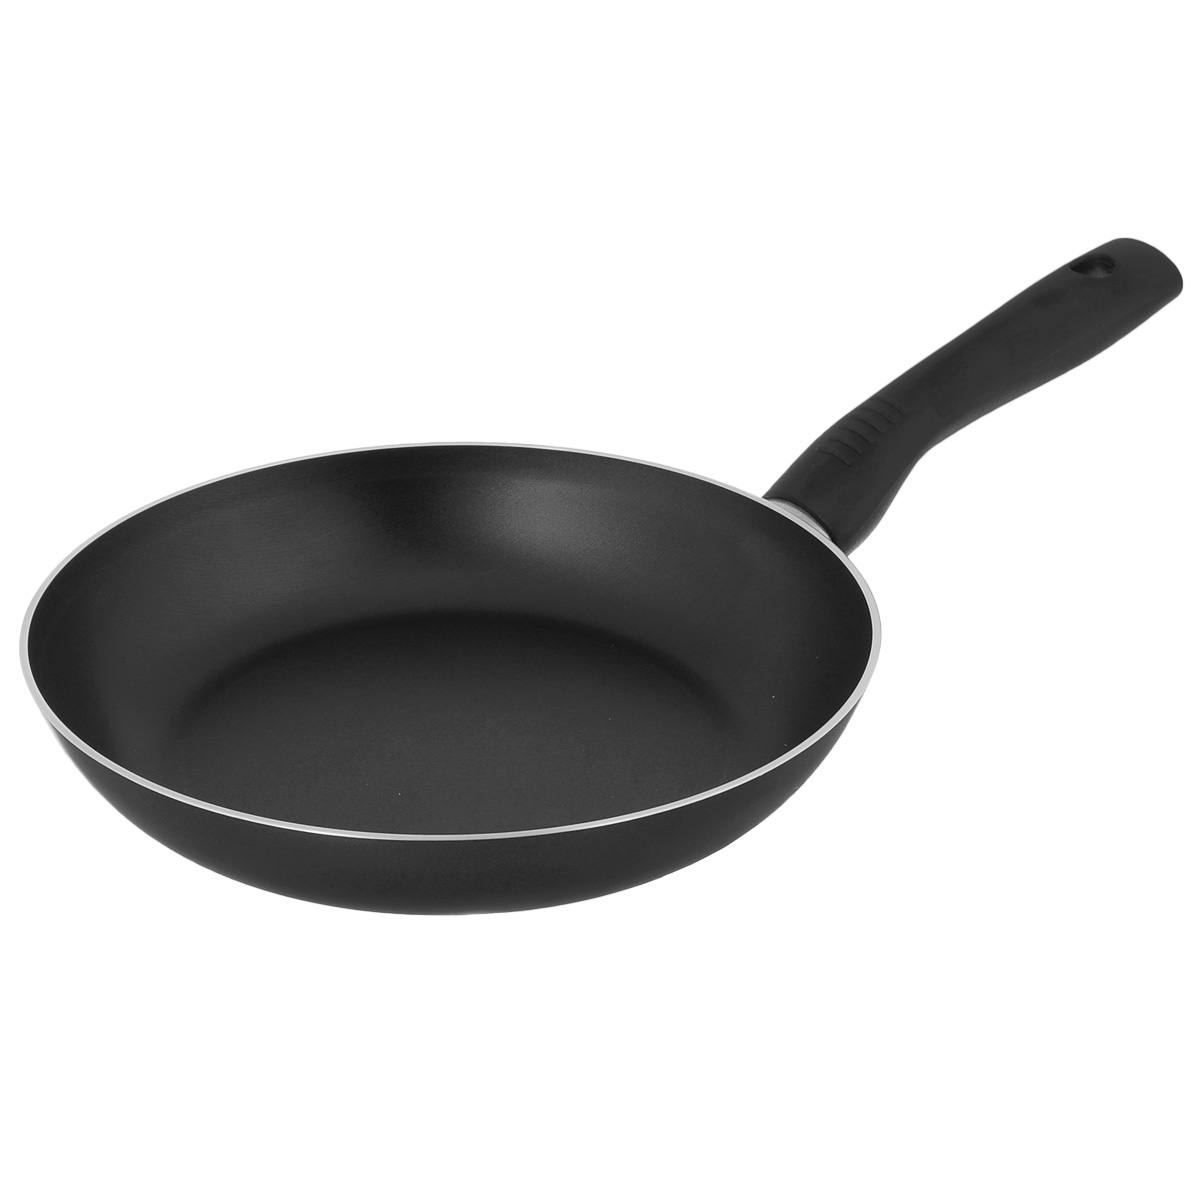 Сковорода TVS Basilico, с антипригарным покрытием, цвет: черный. Диаметр 20 см сковорода wok tvs basilico d 27 см 10501